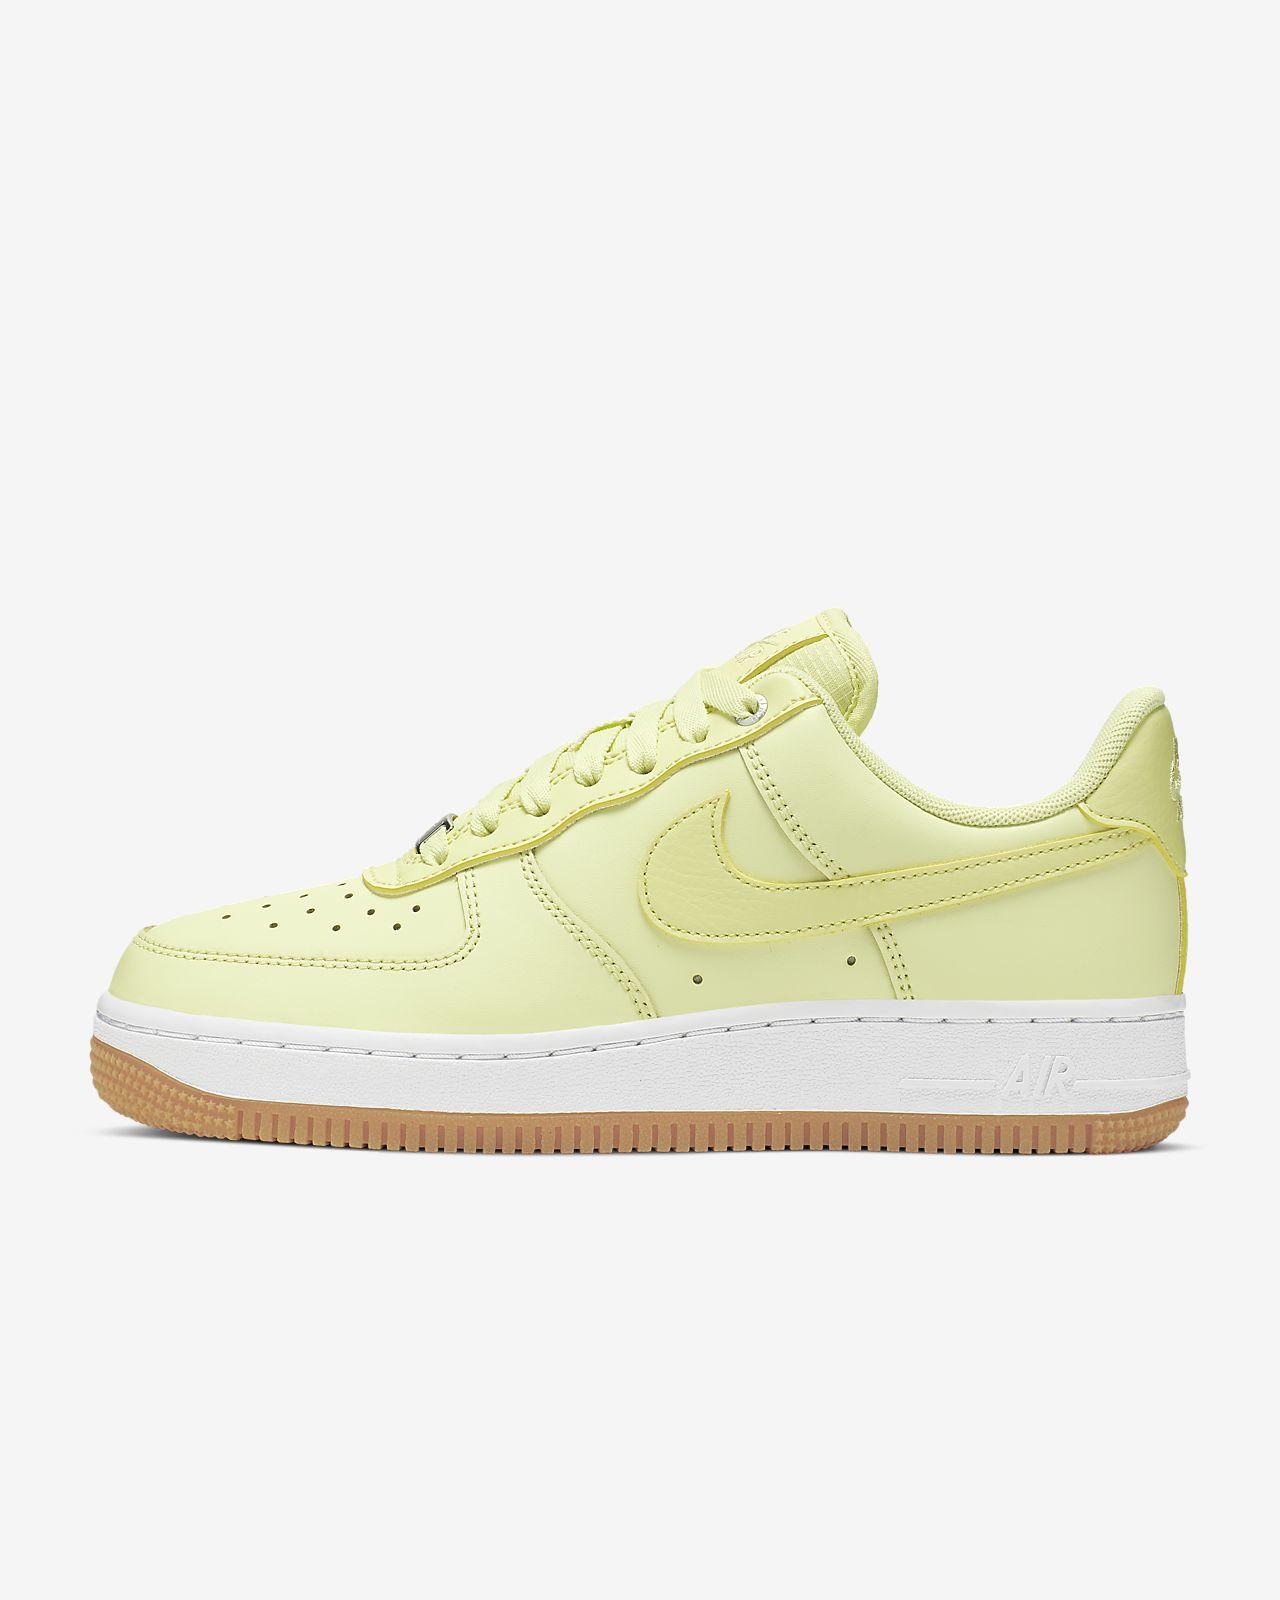 Nike Air Force 1 '07 Low Premium damesko